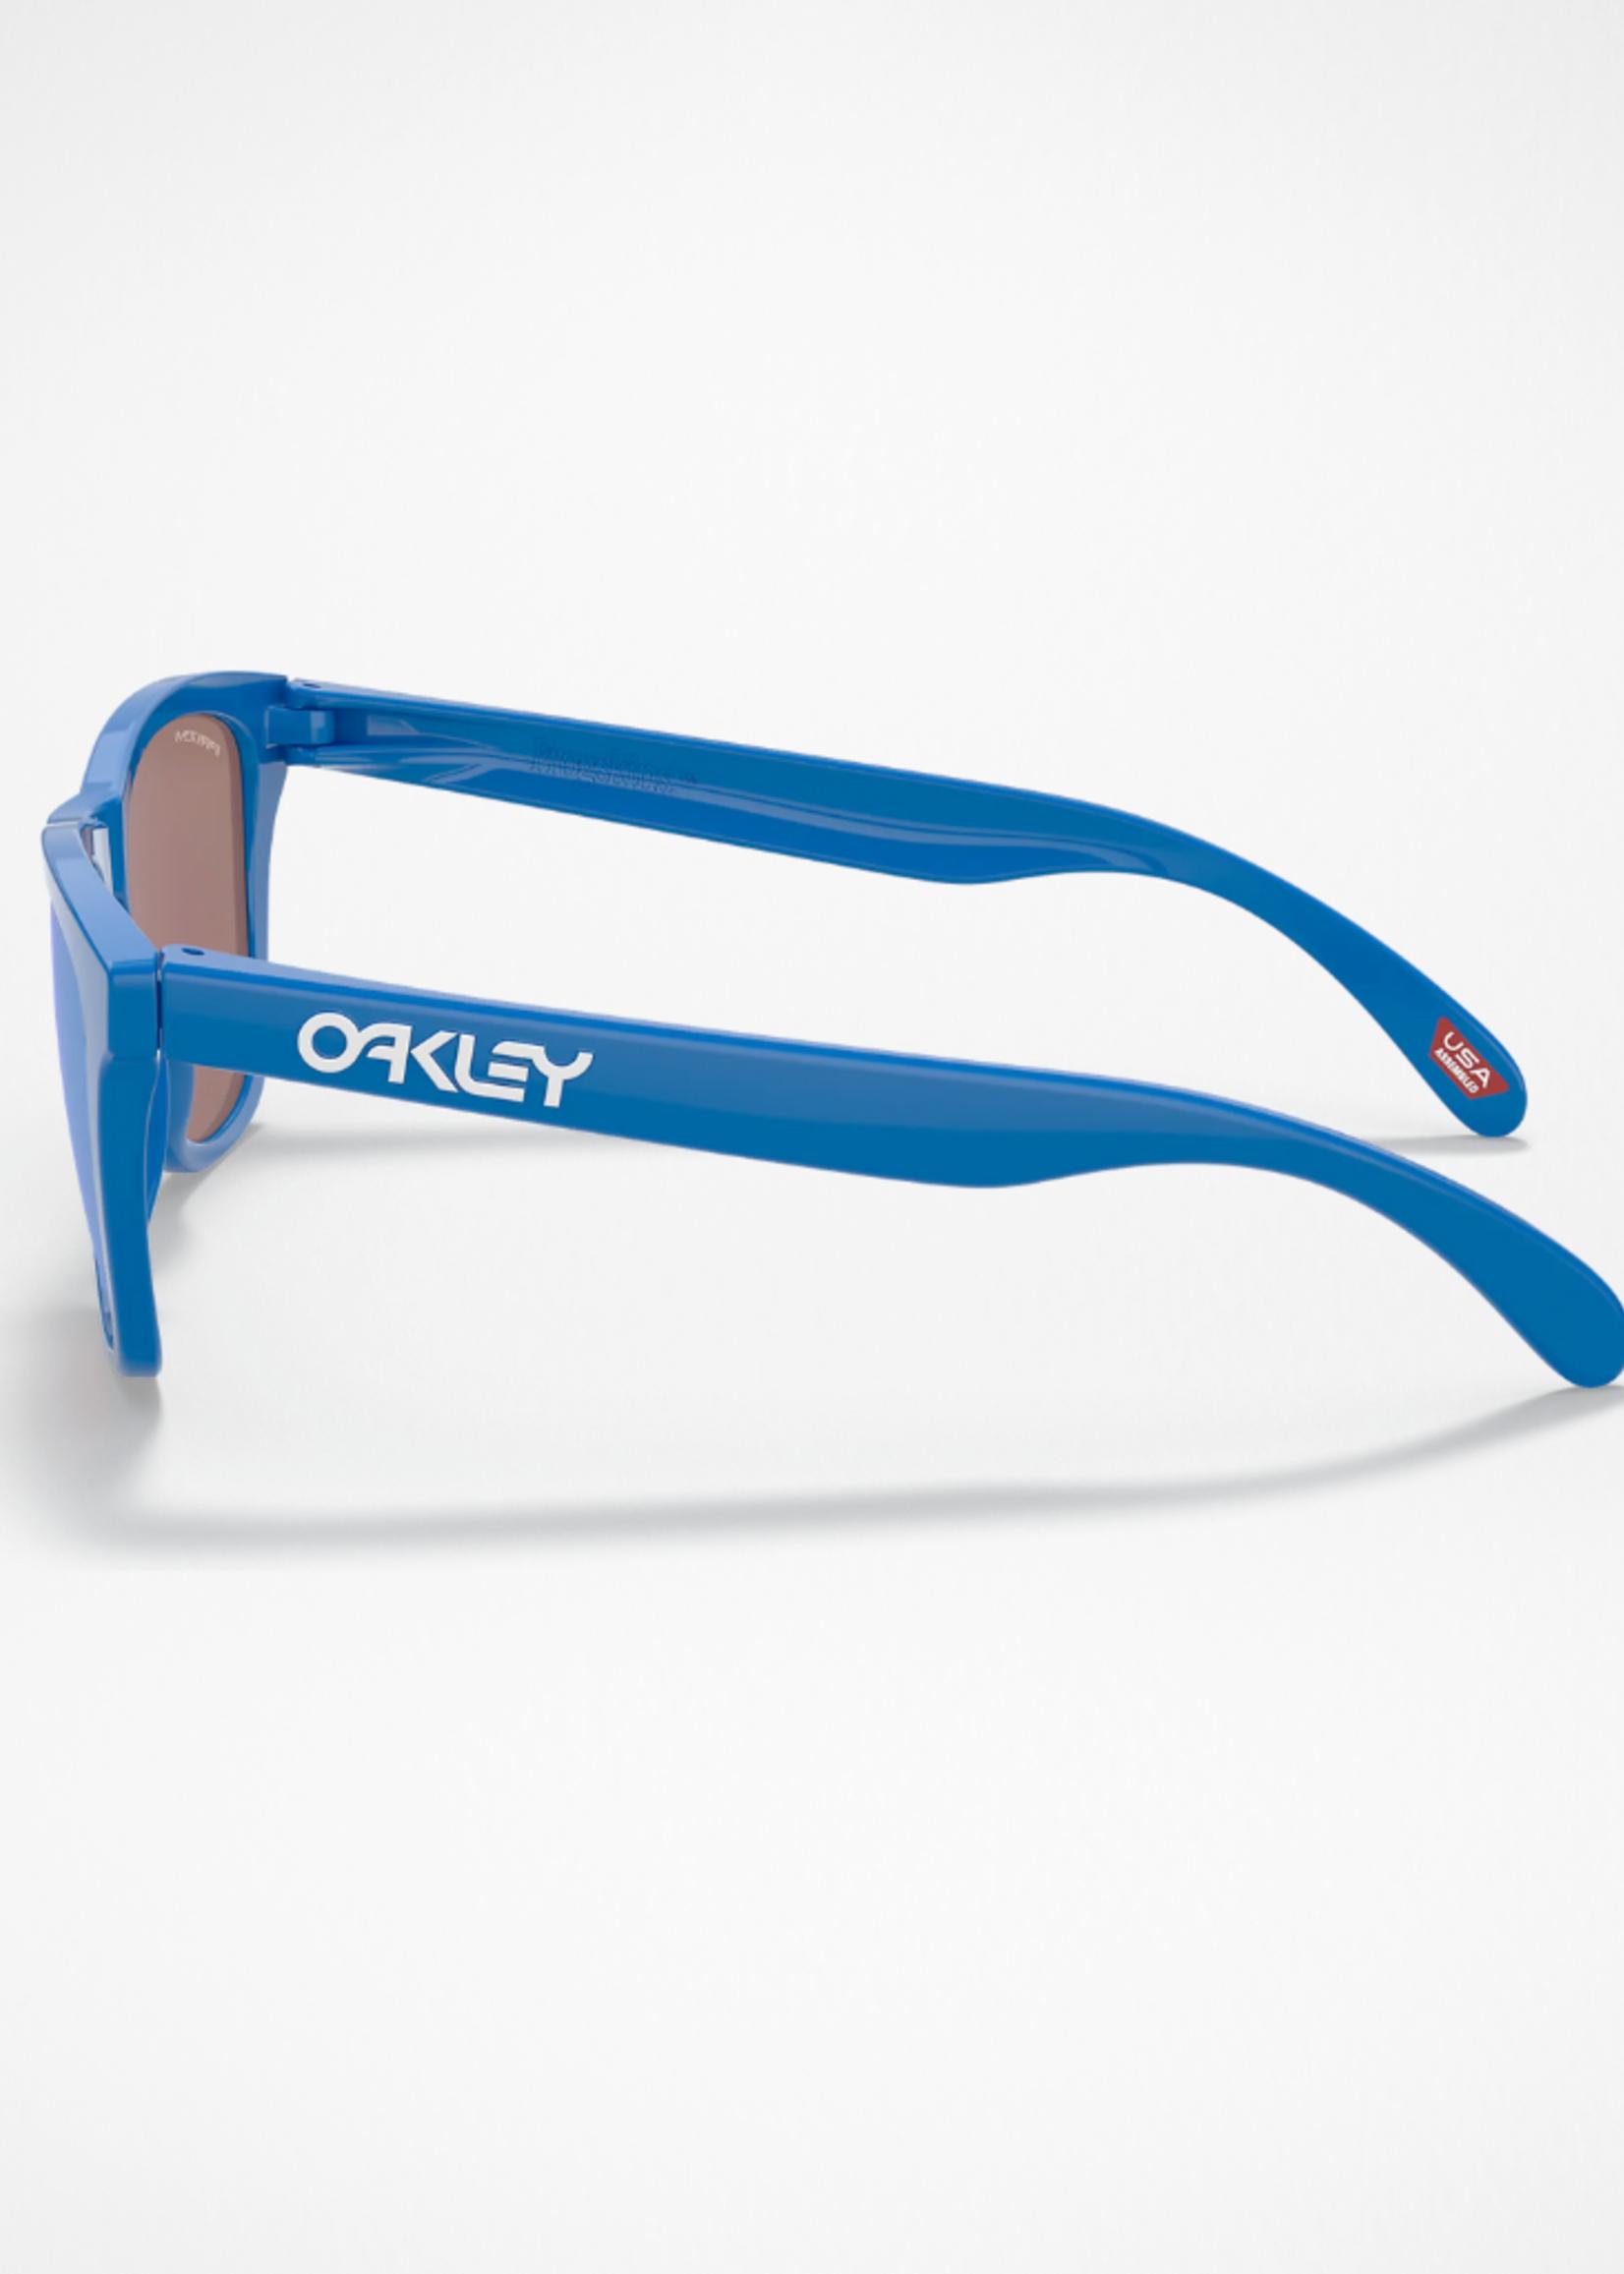 Oakley 21 OAKLEY FROGSKINS PRIZM